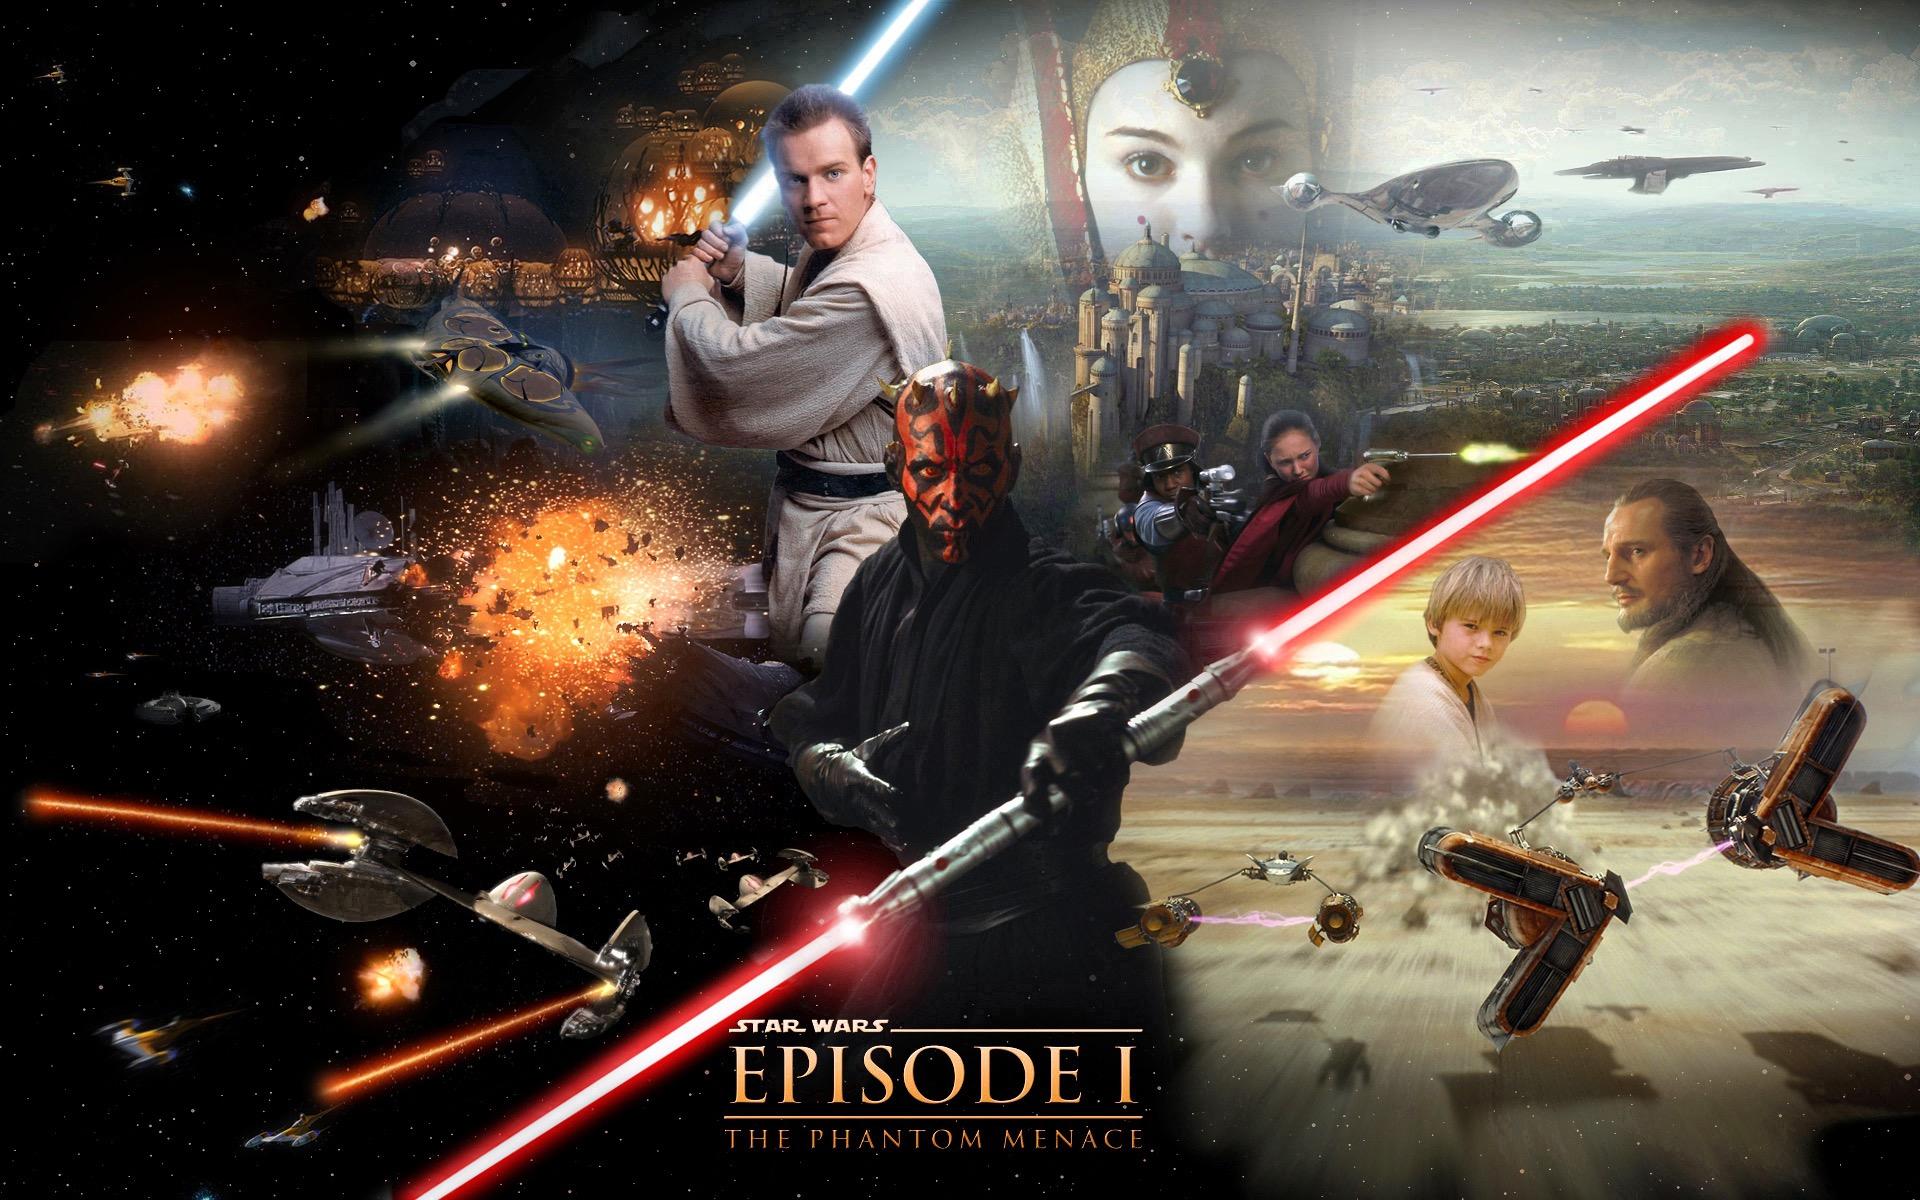 Speciale Star Wars: Episodio I - La minaccia fantasma